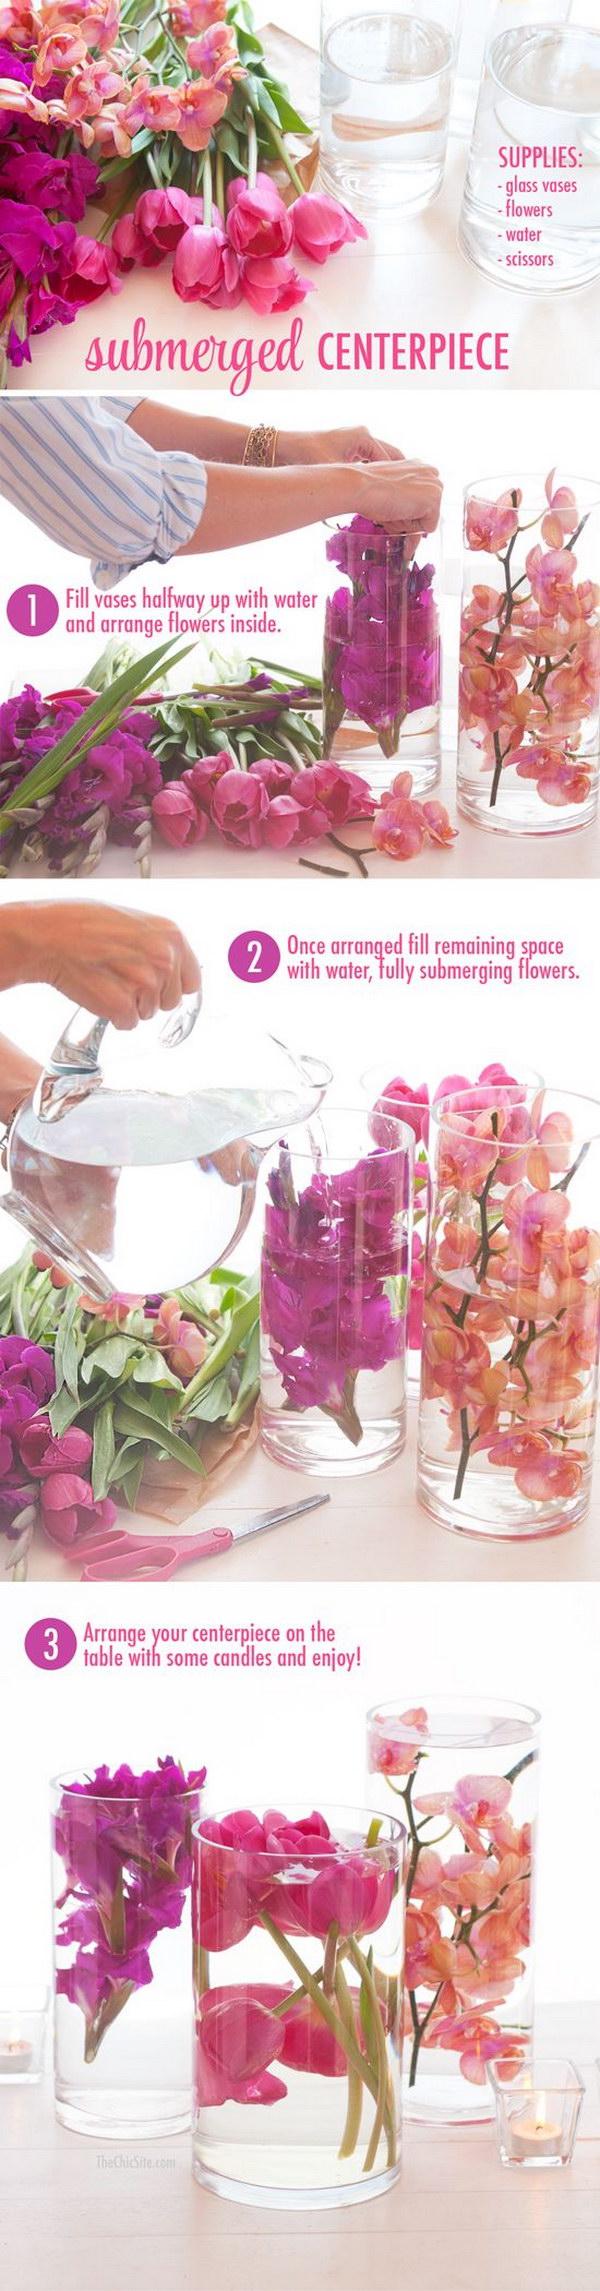 9 Submerged Flower Centerpiece